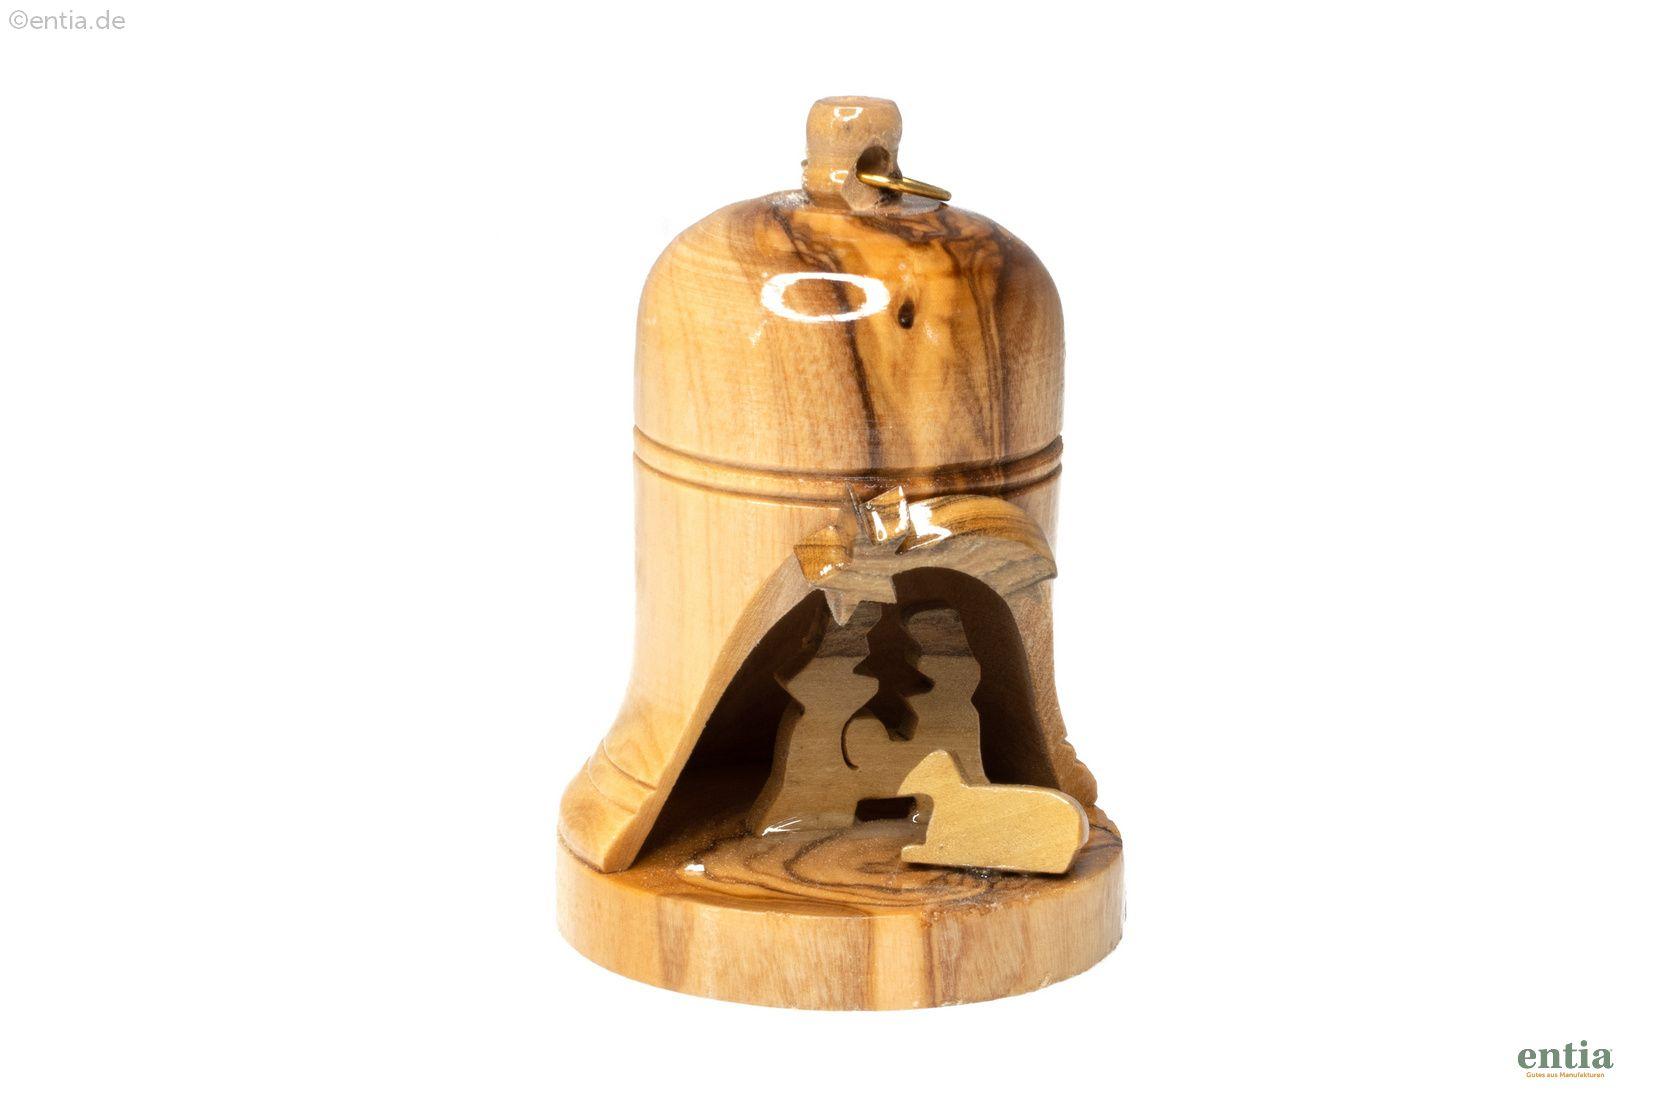 Christbaumschmuck - Krippenmotiv in Glockenform aus Olivenholz